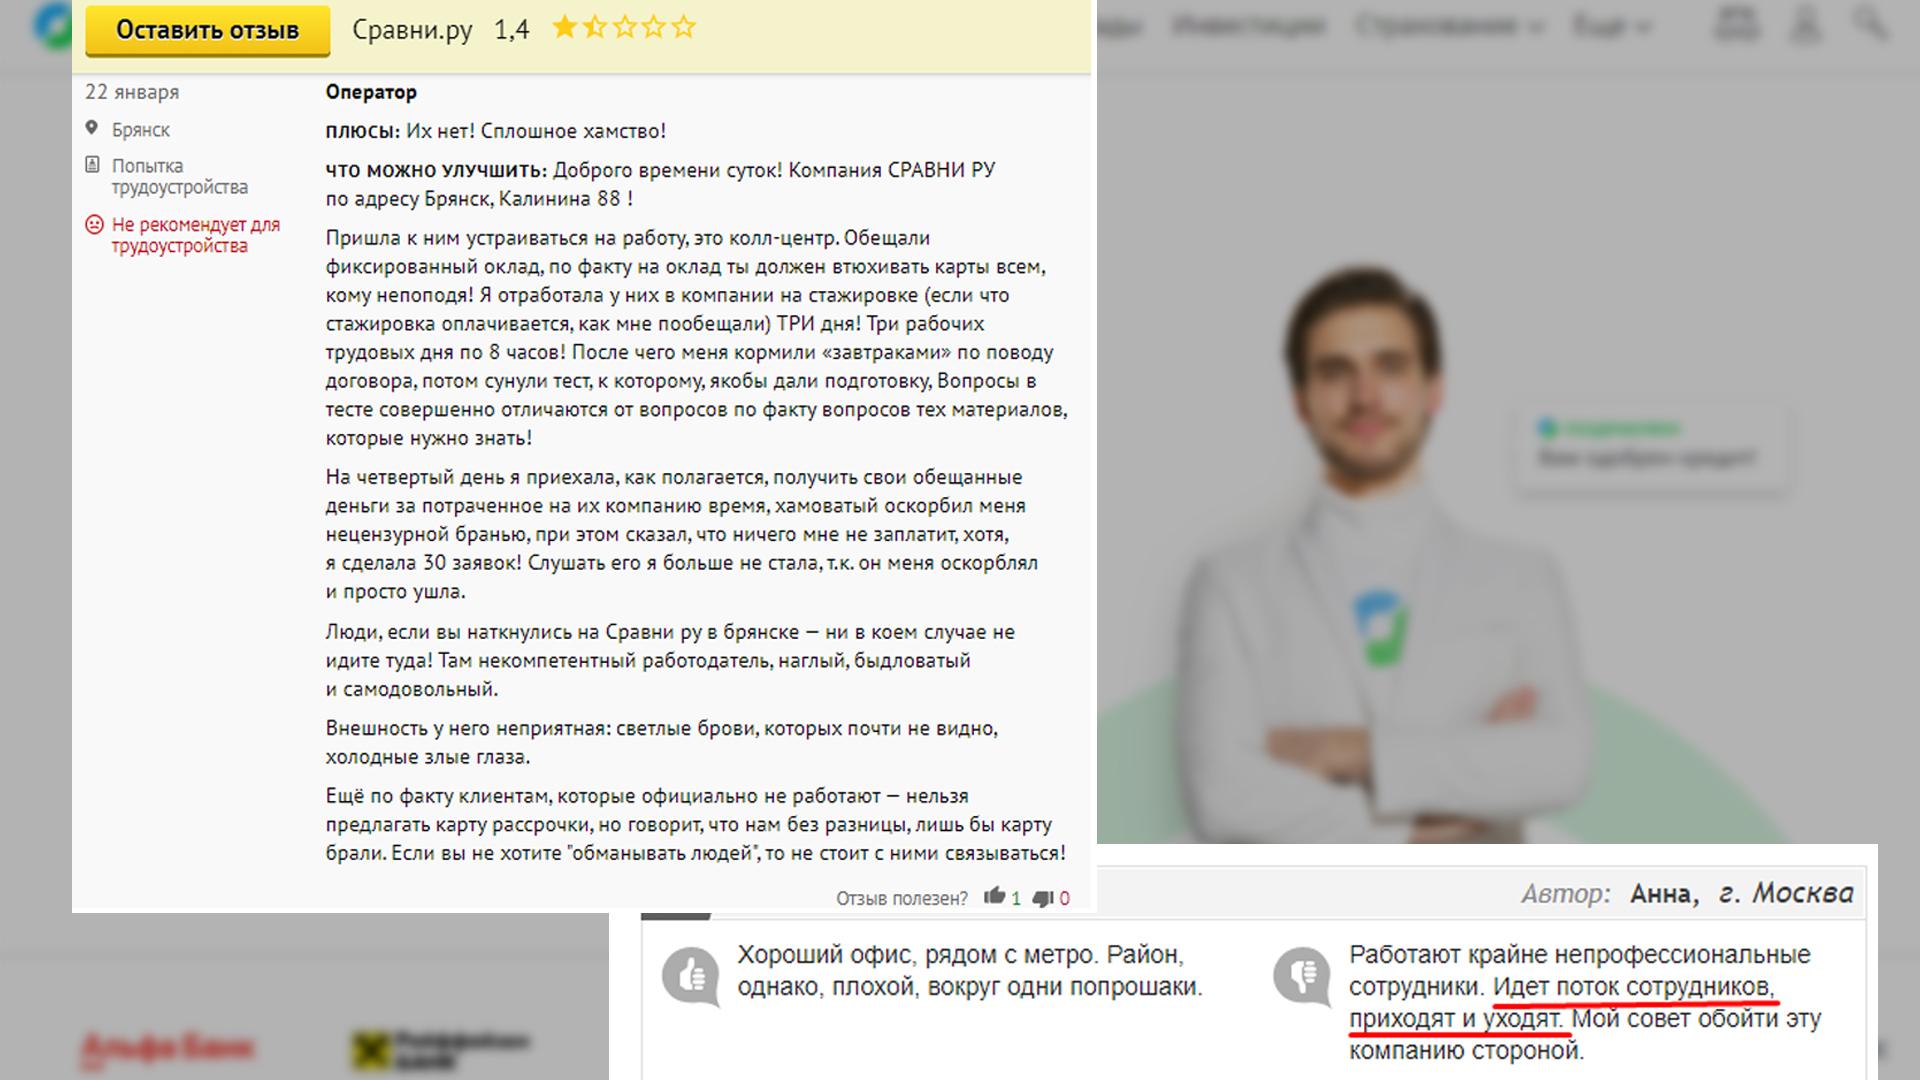 Негативный отзыв от стажера в должности оператор колл центра в компании Сравни.ру.